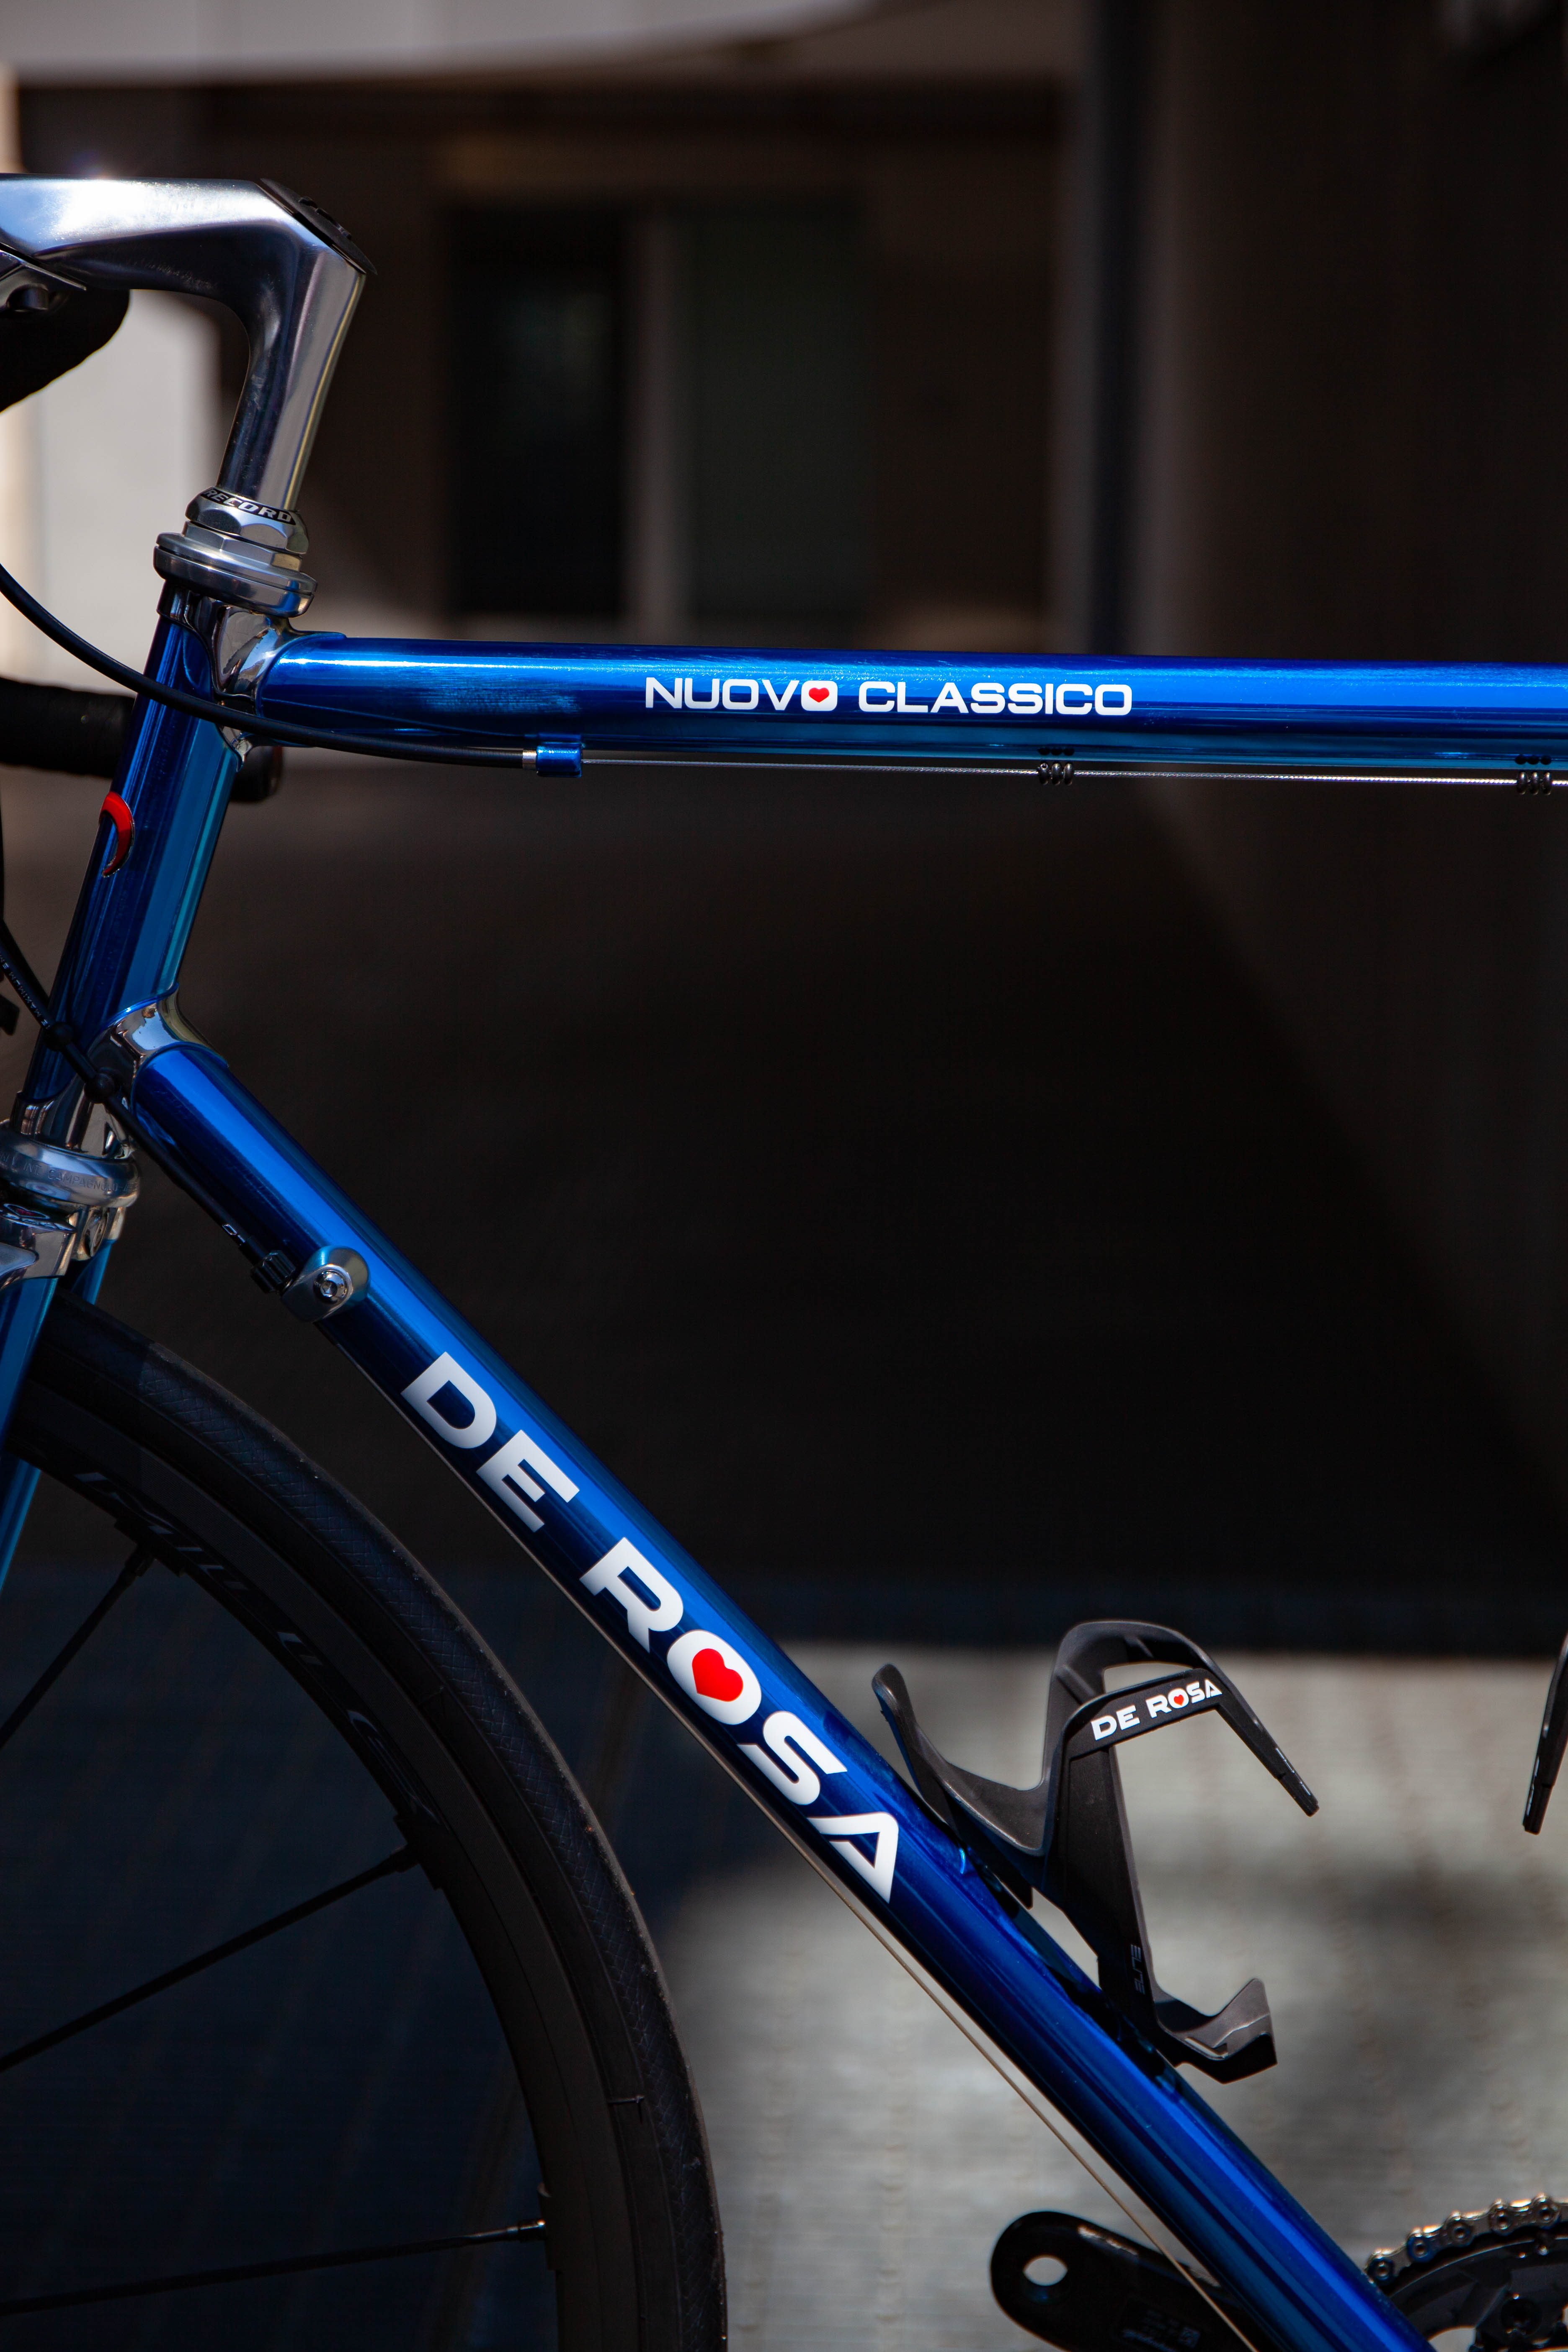 Cicli Corsa De rosa Nuovo Classico 56 Record 2020-14